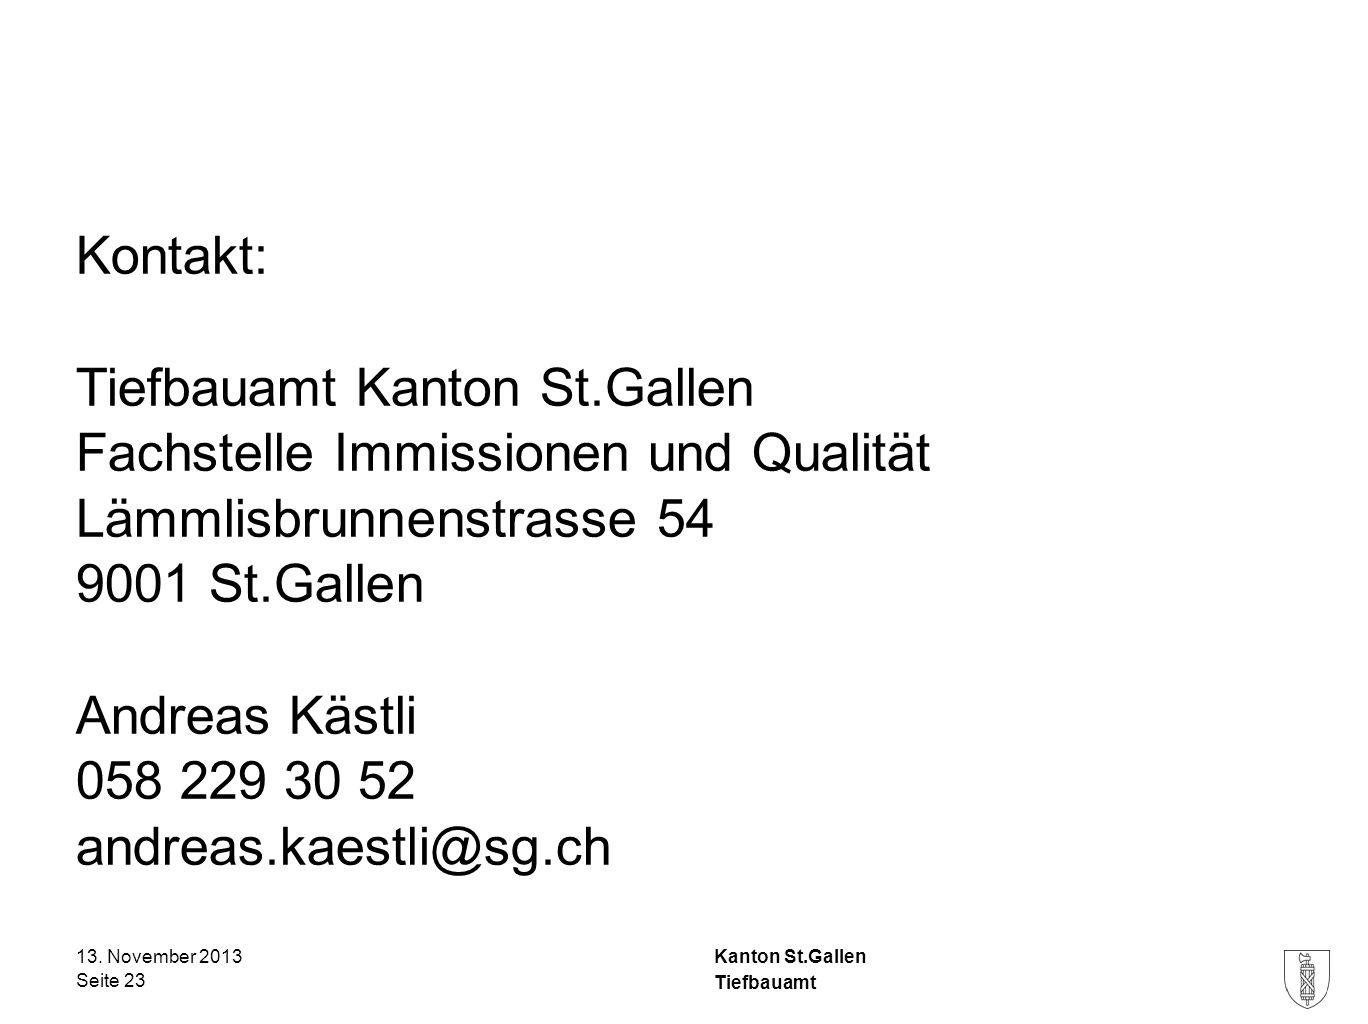 Tiefbauamt Kanton St.Gallen Fachstelle Immissionen und Qualität